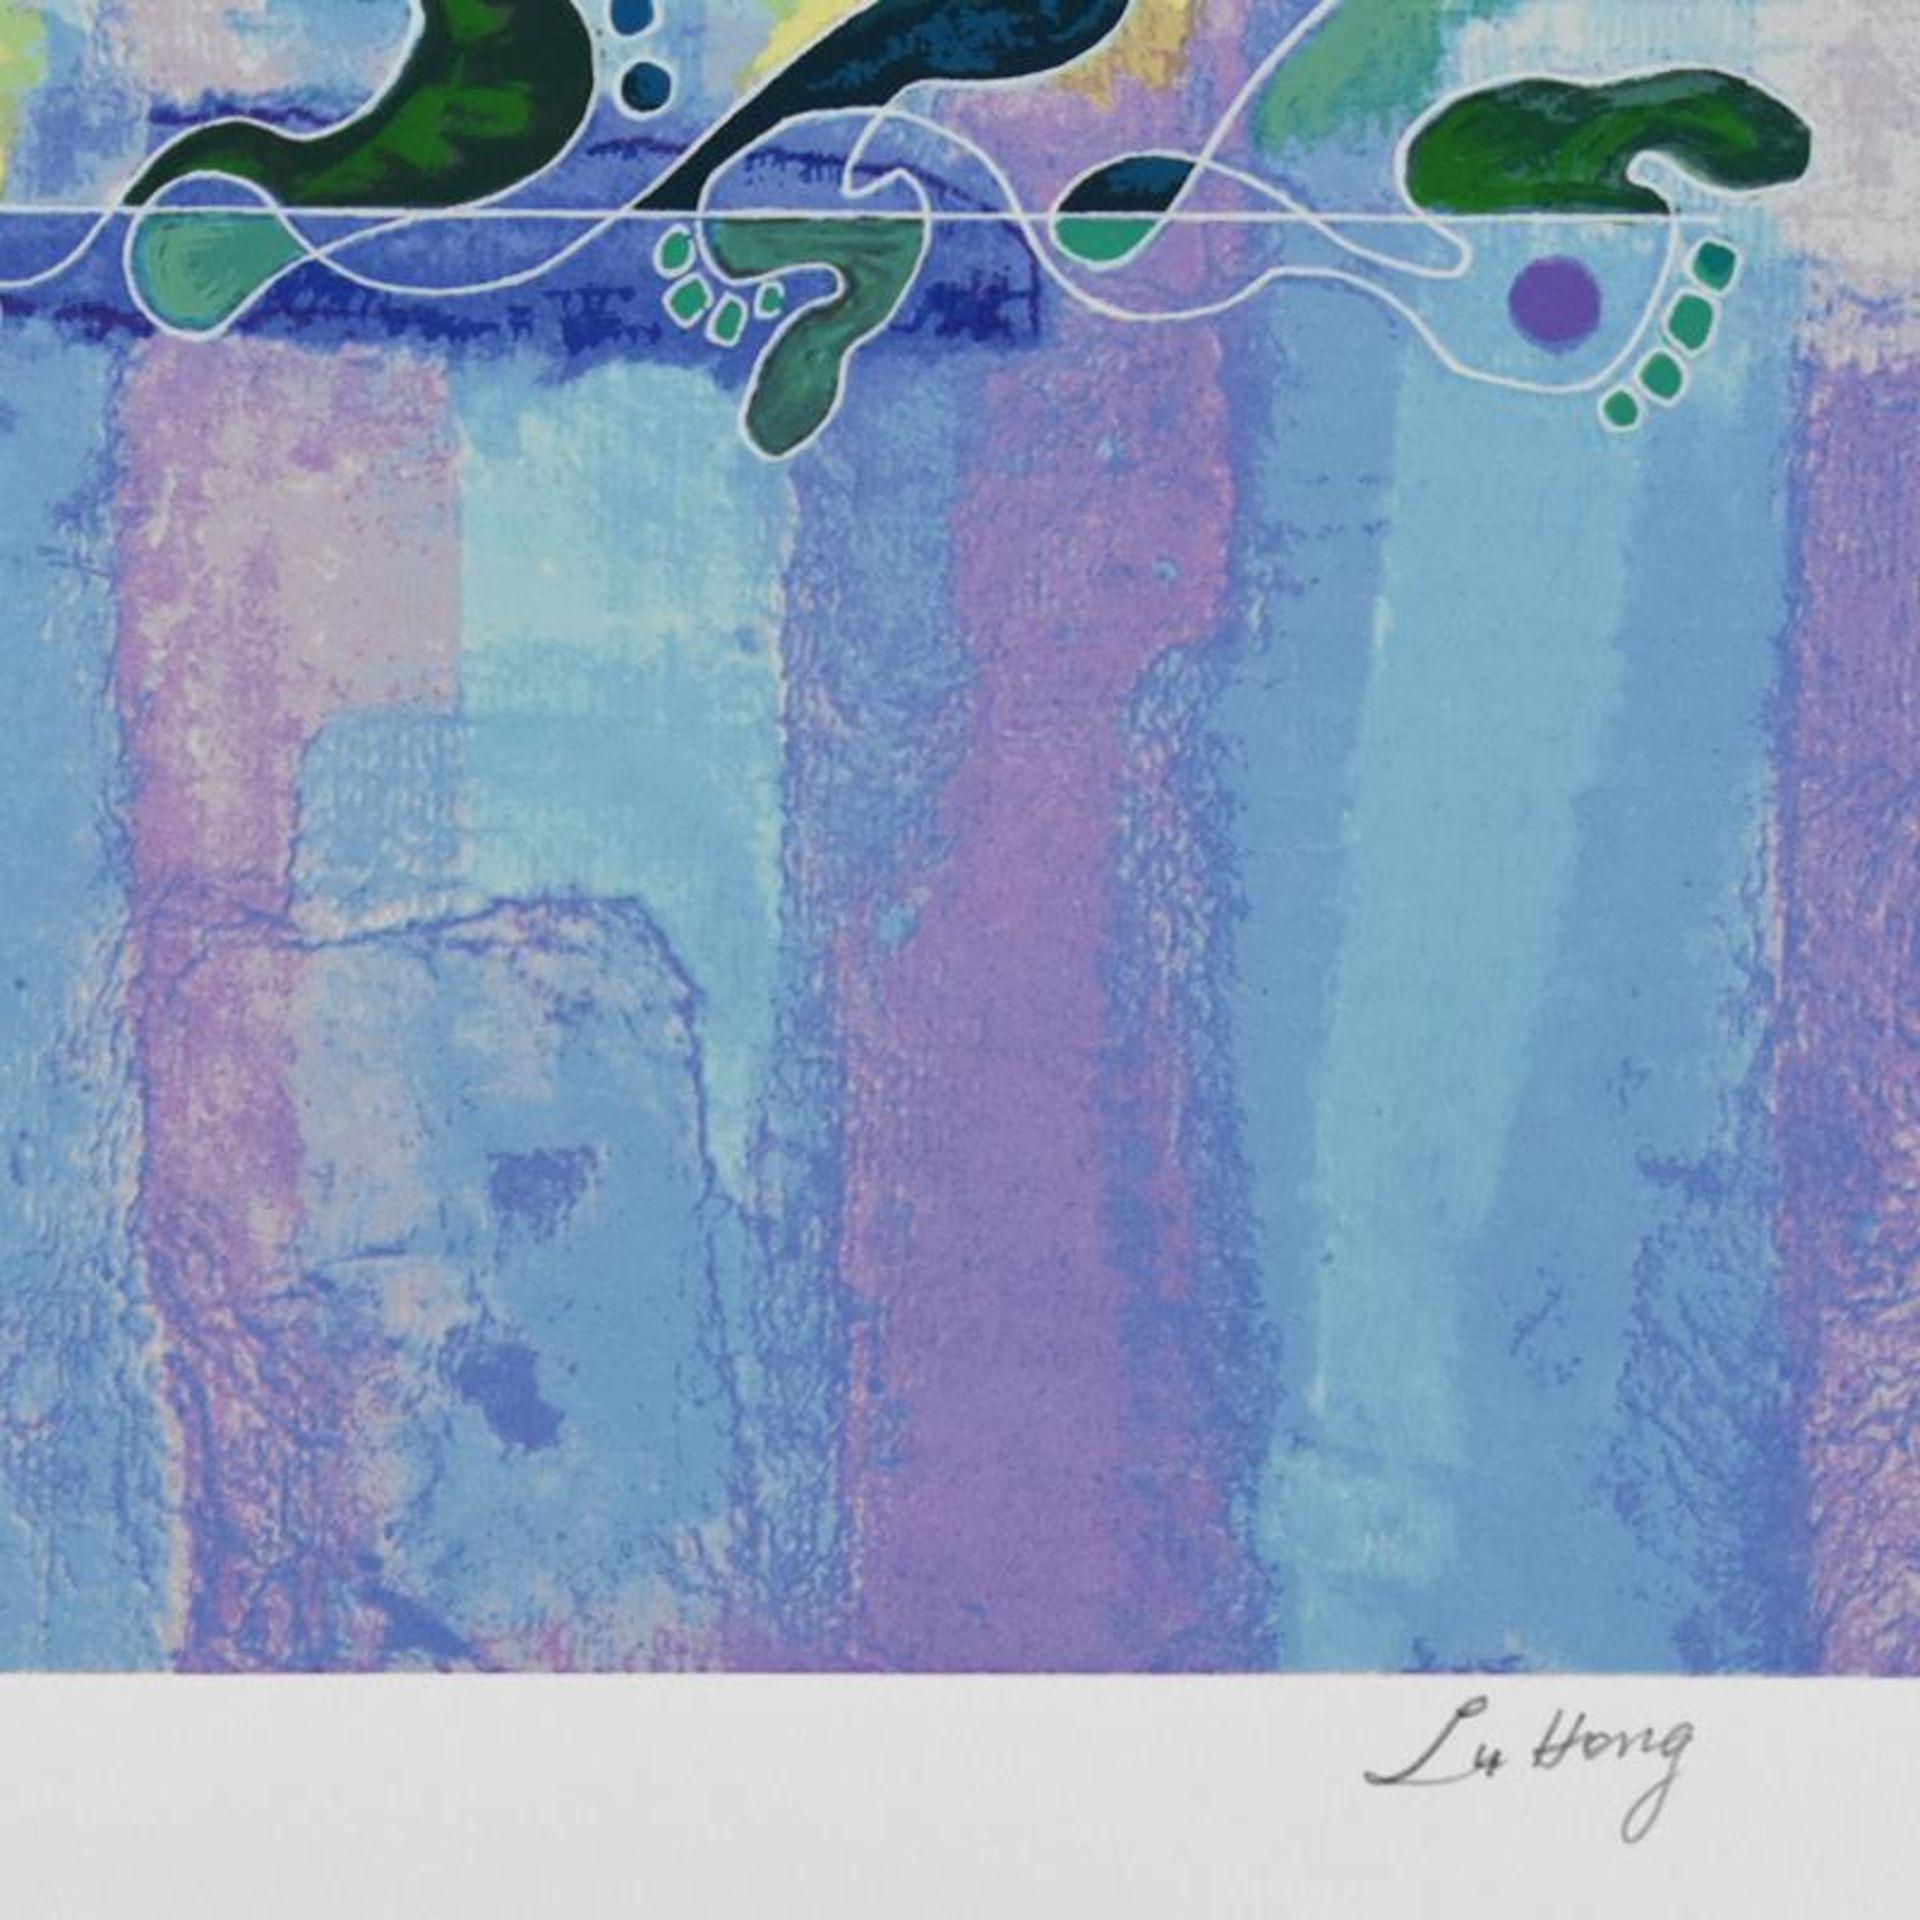 Spring Steps by Hong, Lu - Image 2 of 2